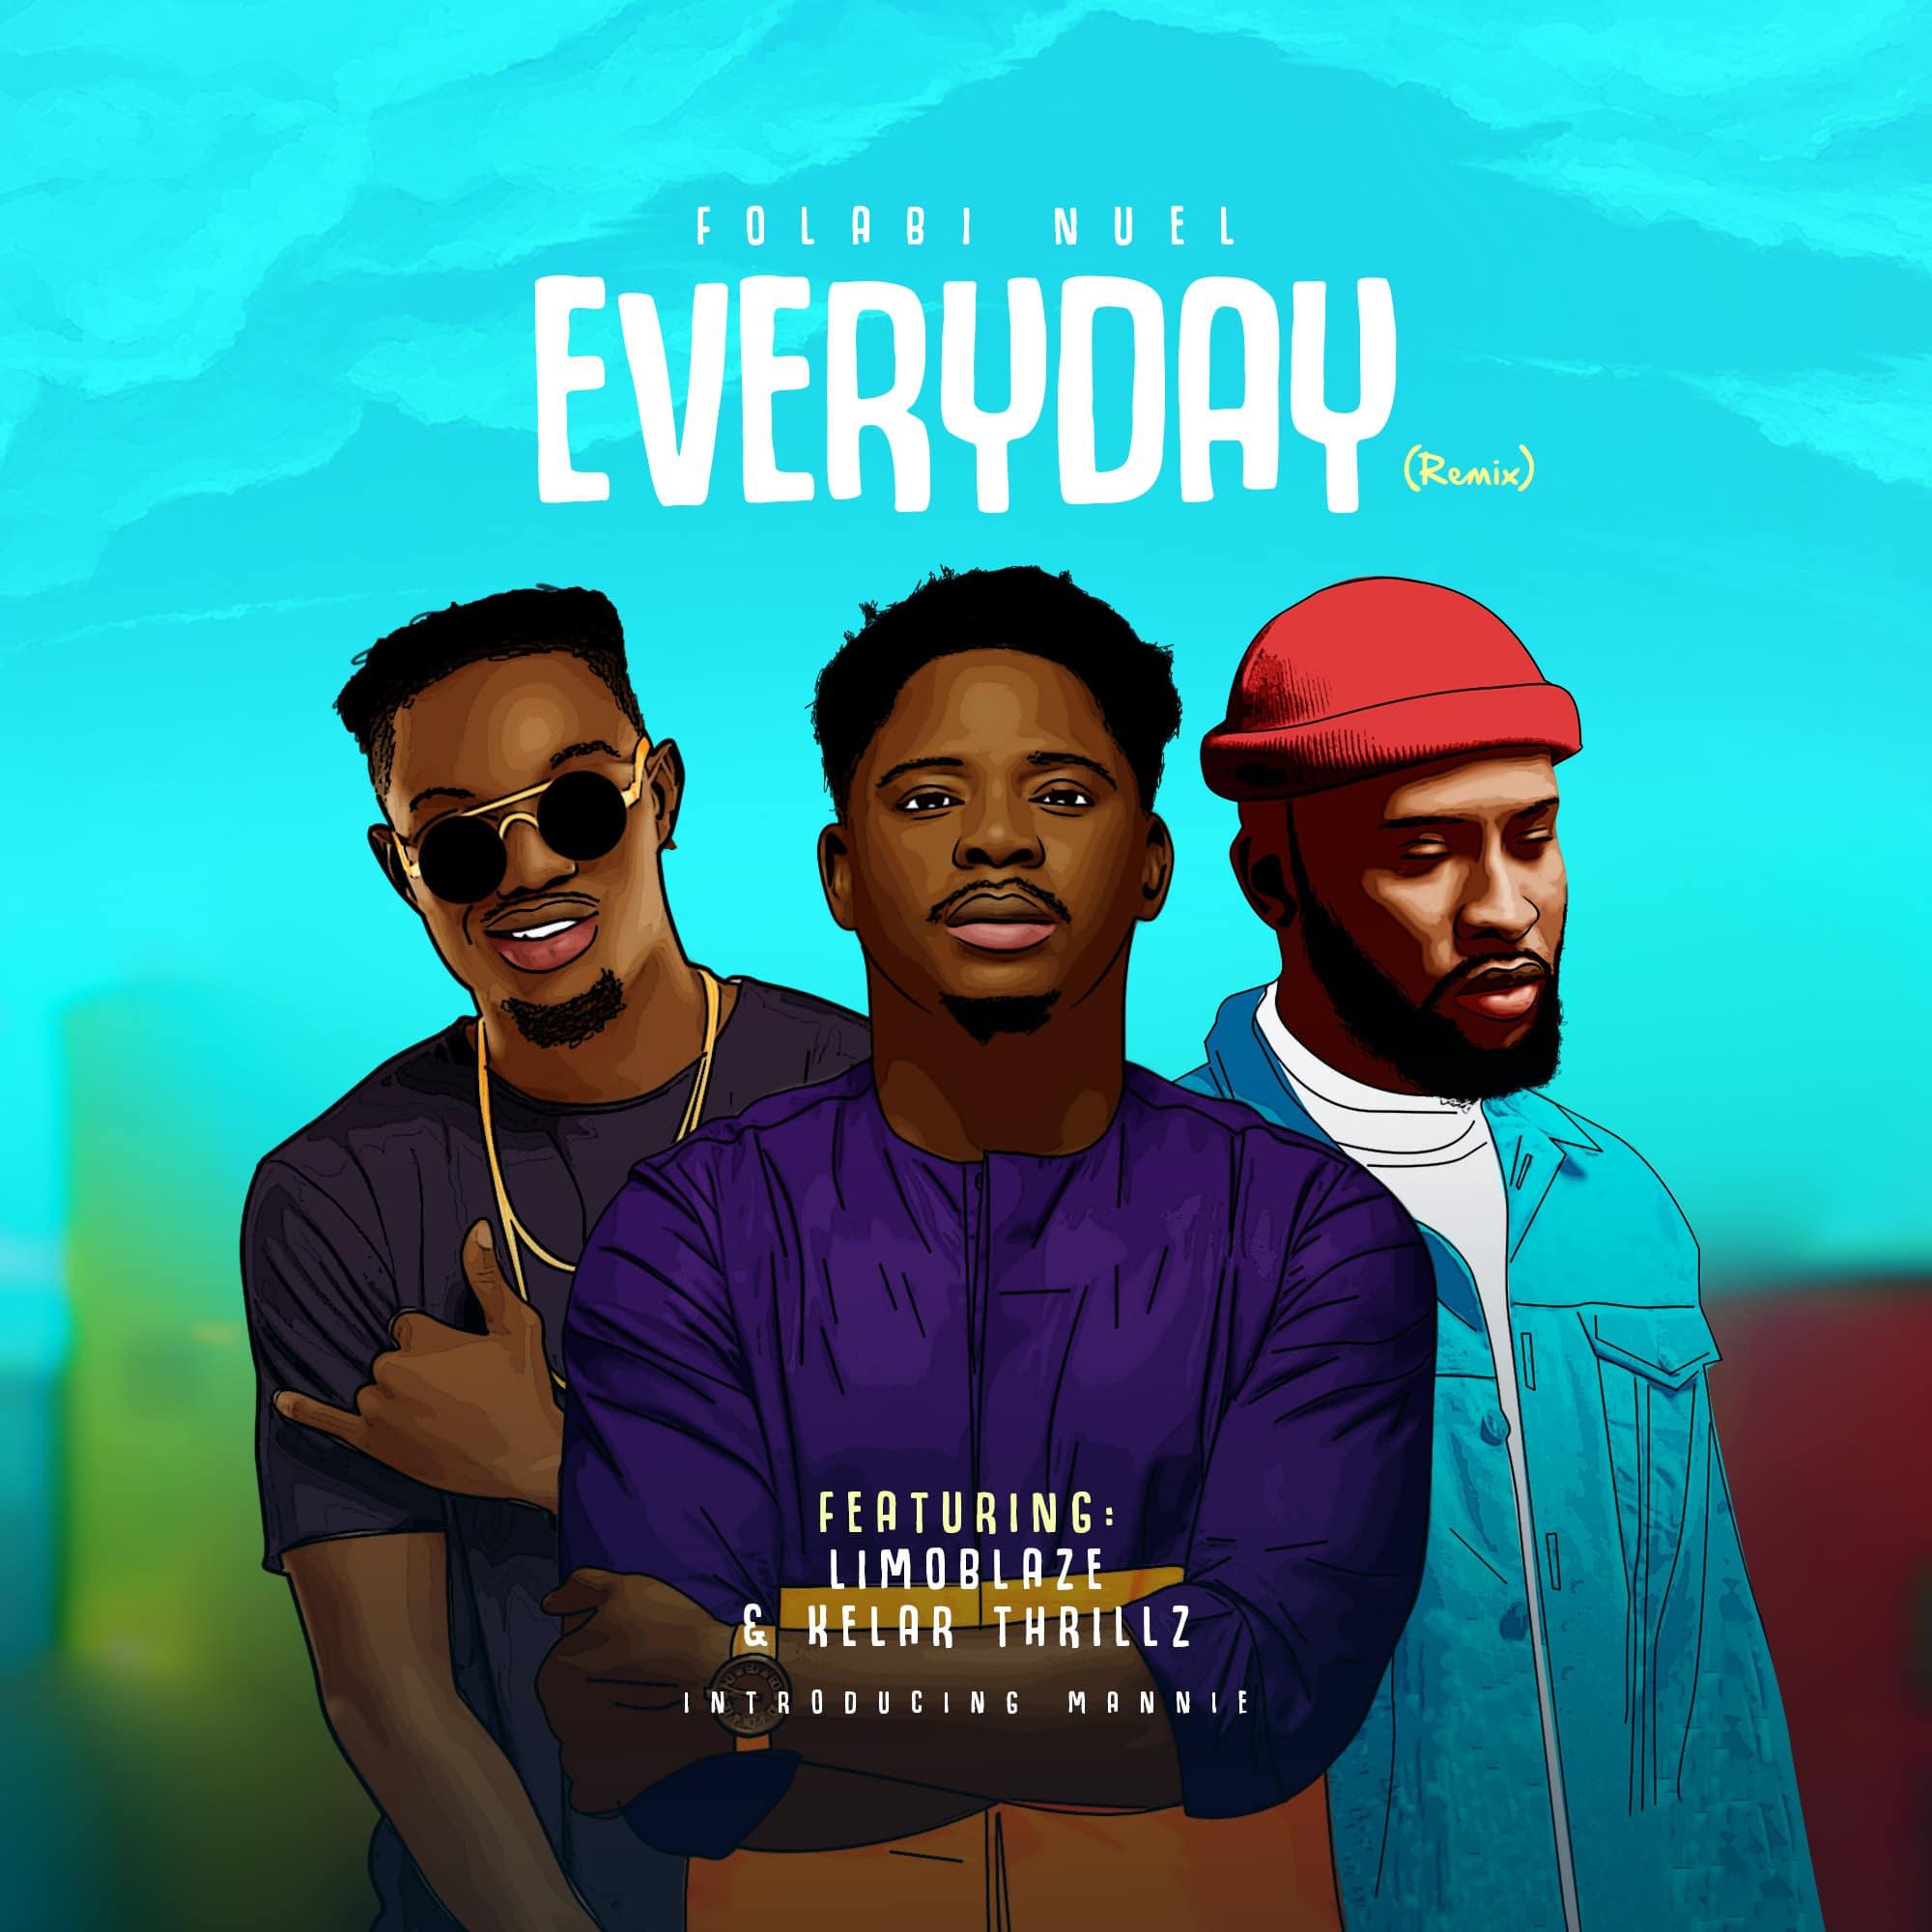 Folabi Nuel - Everyday Remix (Ft. Limoblaze, Kelae Thrillz)